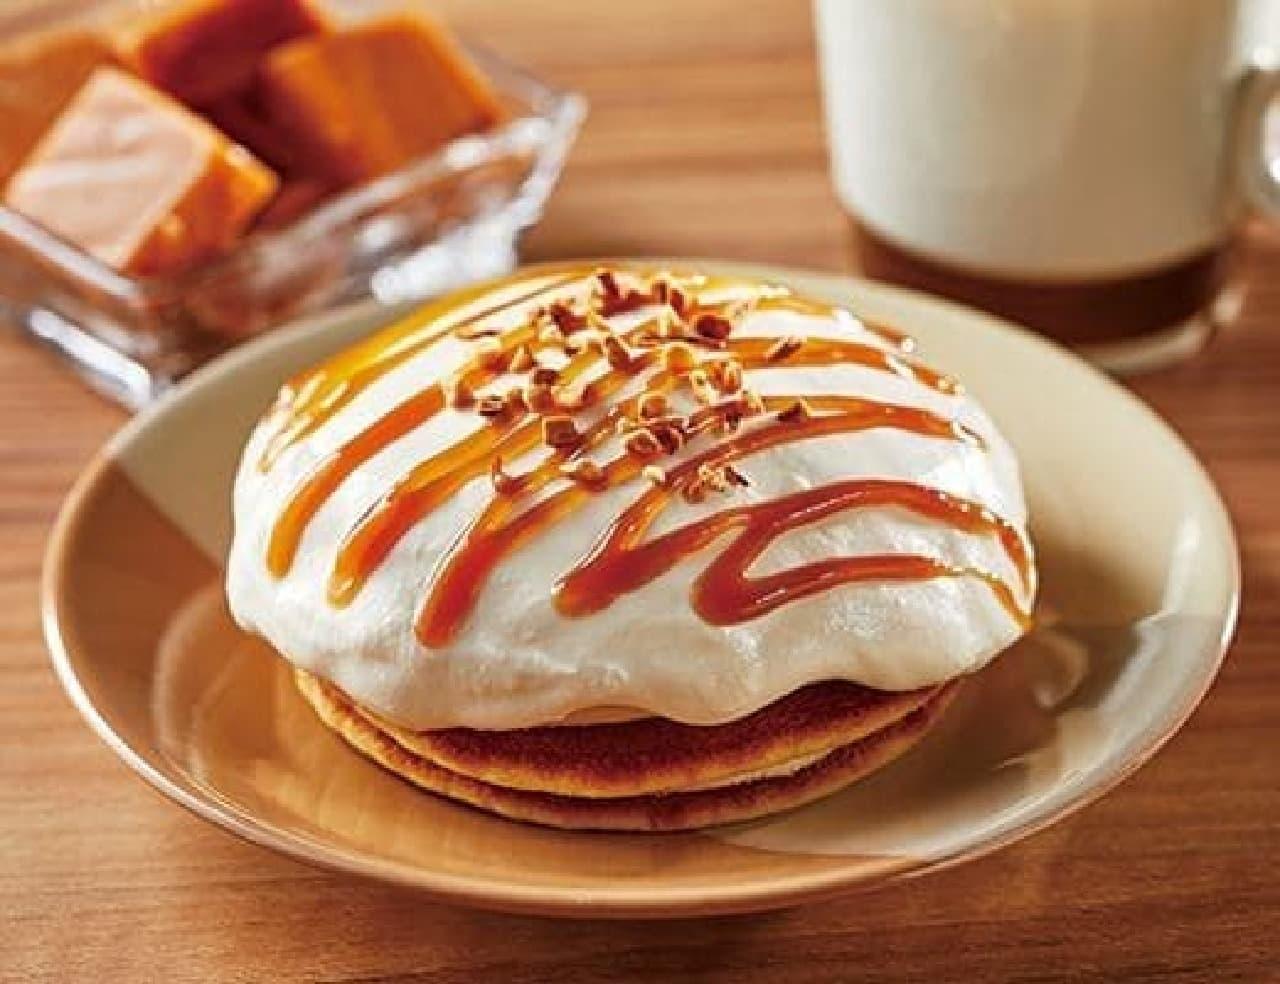 ローソン「キャラメルクリームのパンケーキ」